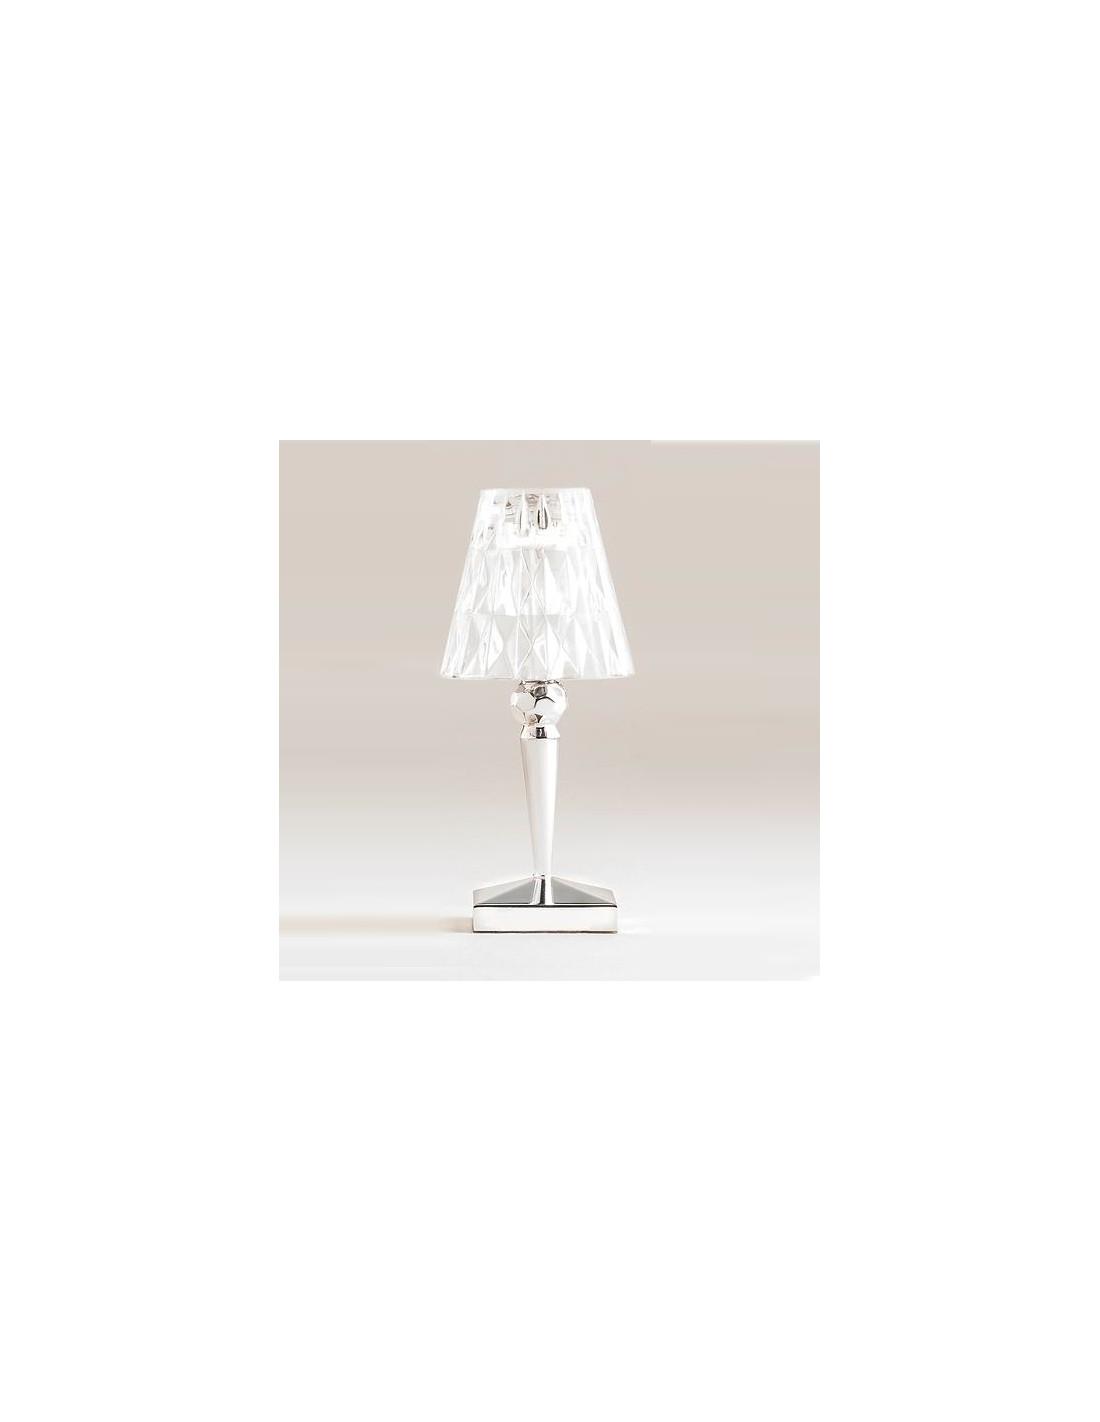 LAMPE DE TABLE BATTERY kartell MÉTALLISÉE chrome pour la marque Kartell